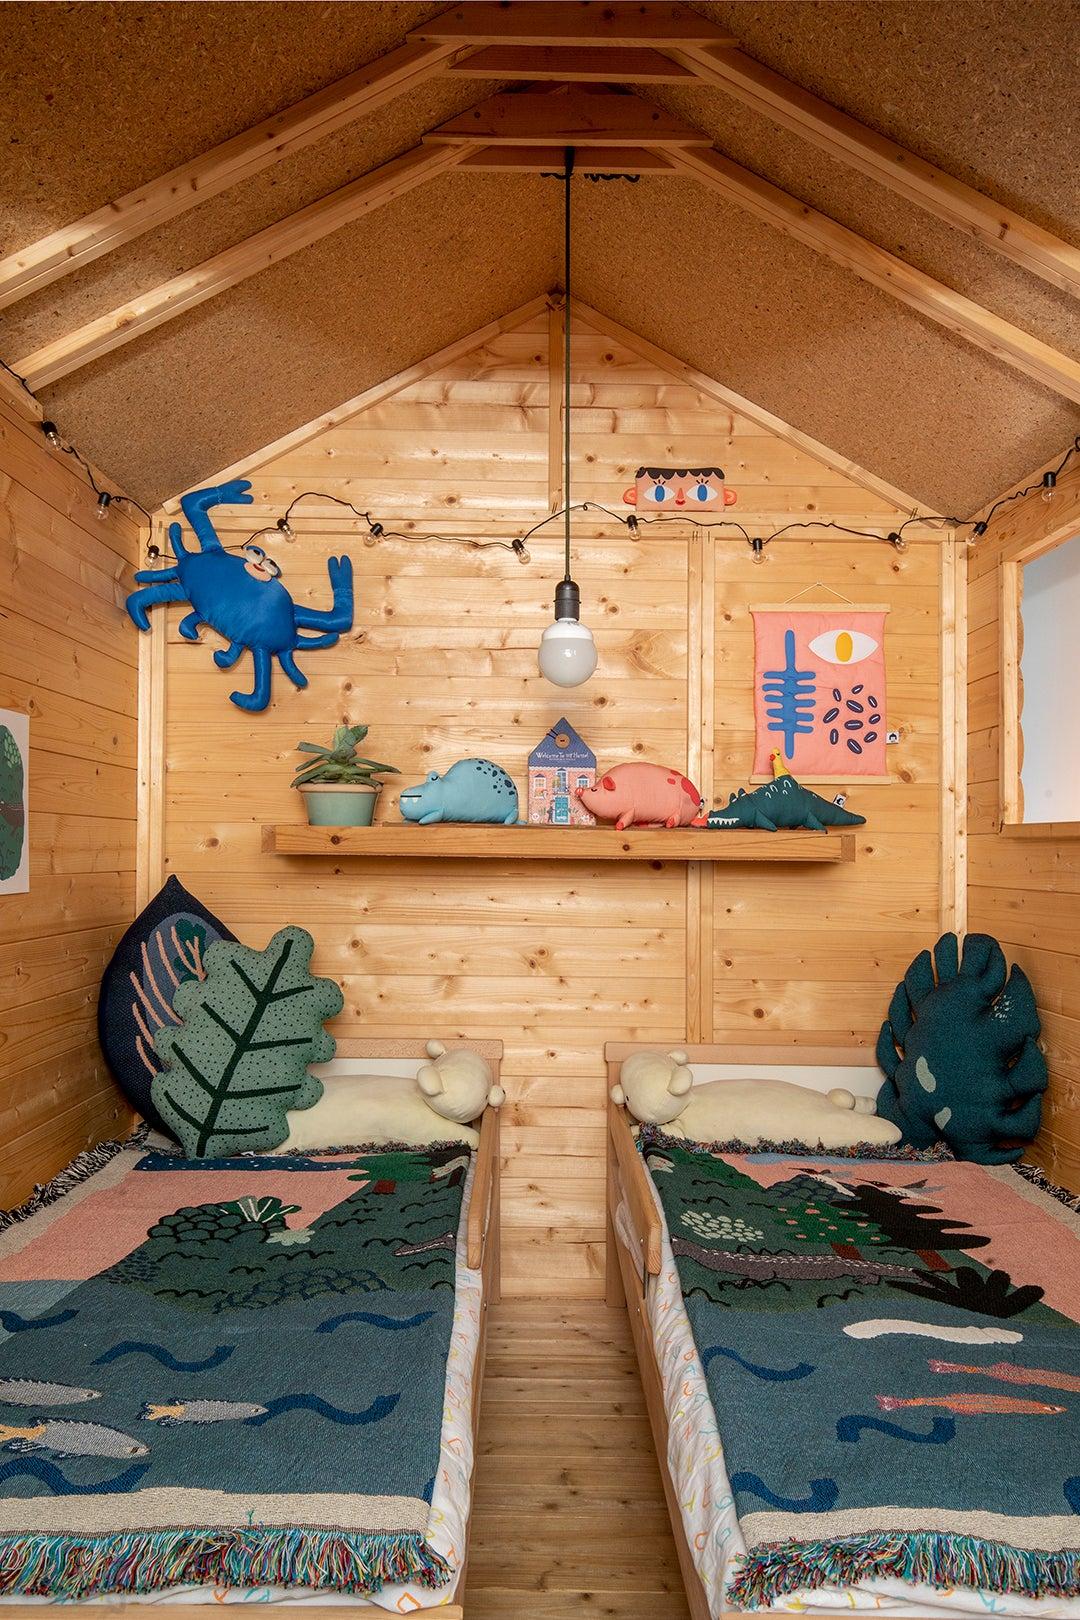 00-FEATURE-indoor-playhouse-design-tel-aviv-apartment-domino